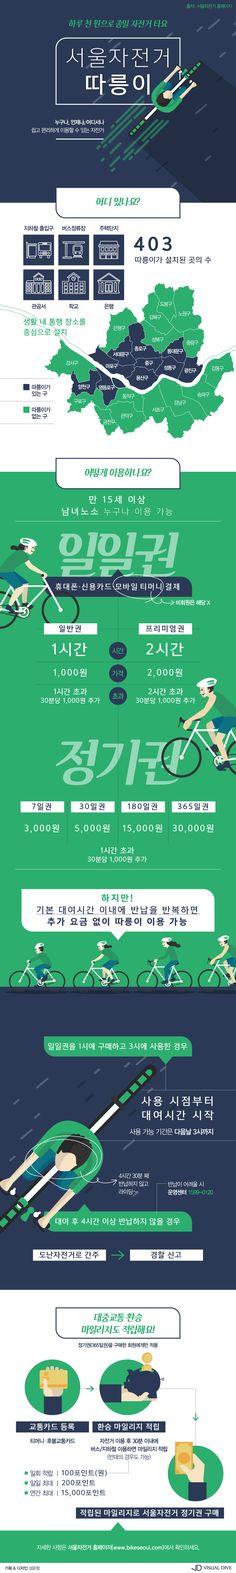 자전거라는 소재, 녹색의 색감, 일러스트를 활용한 느낌